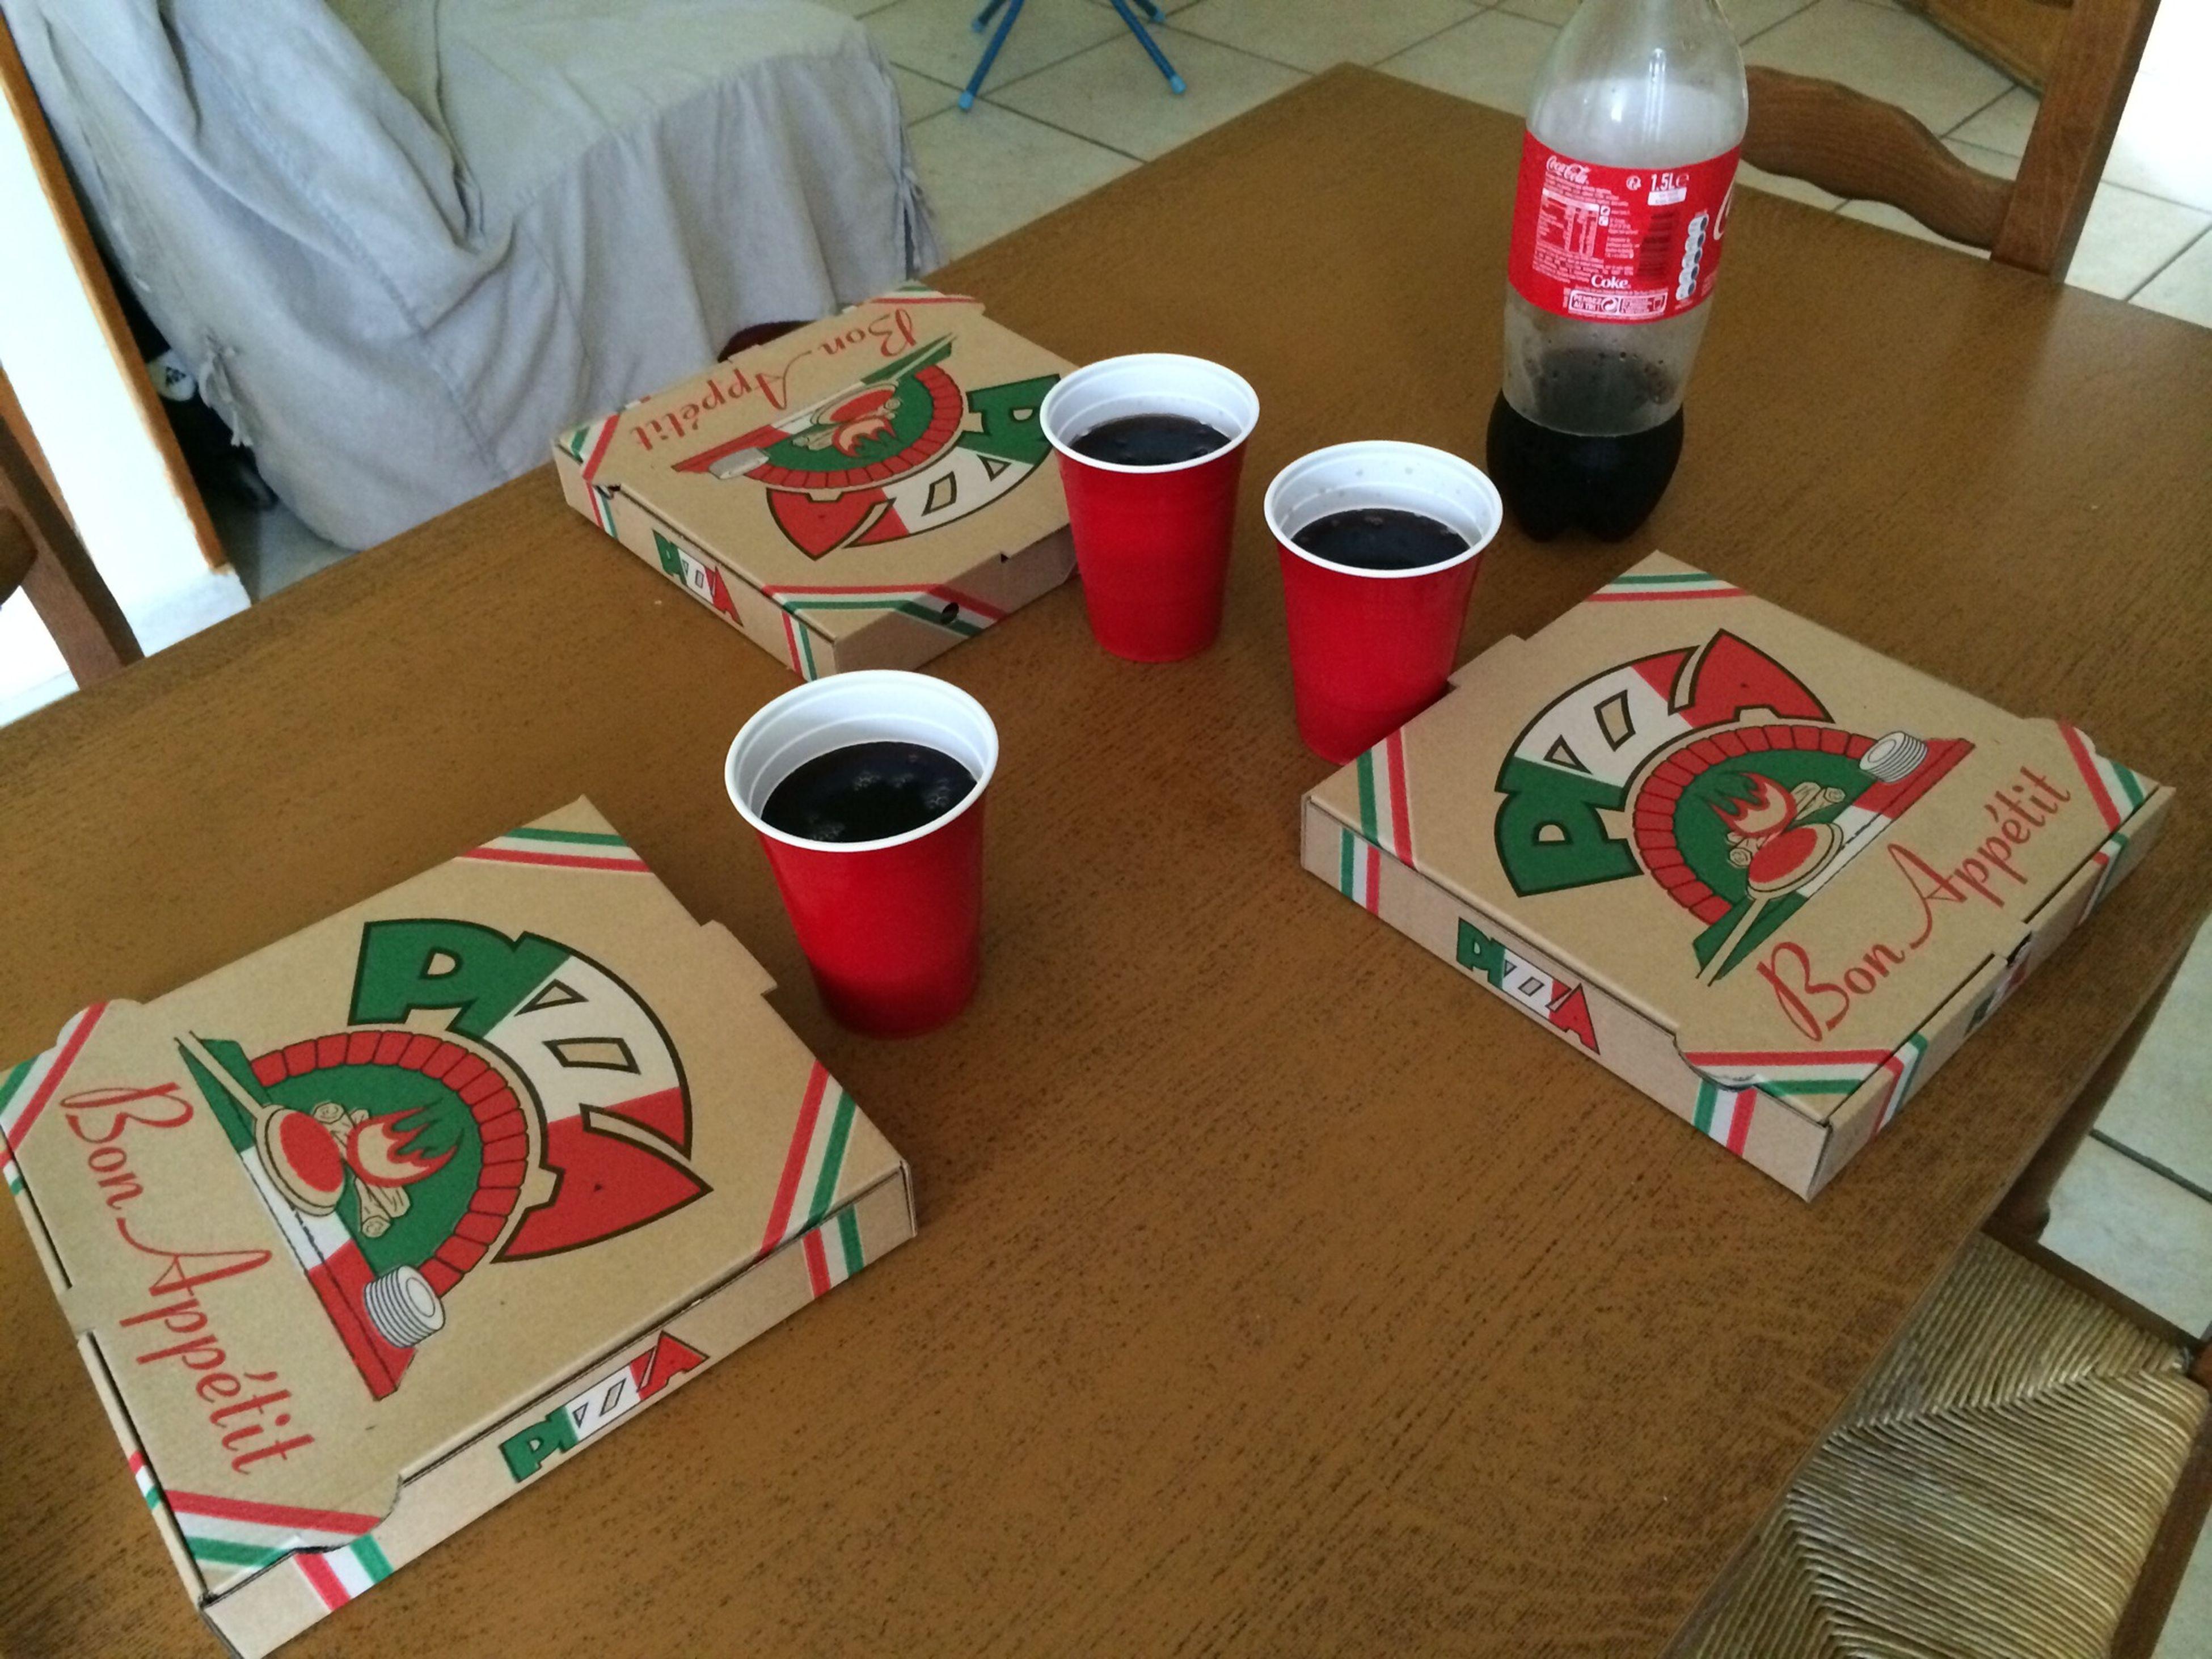 Pizza Red Cup gobelet Red-Cup made in USA ( la bouteille était pleine ) remplissage de 3 verres et hop plus rien ^^ ! Solo Red Cup